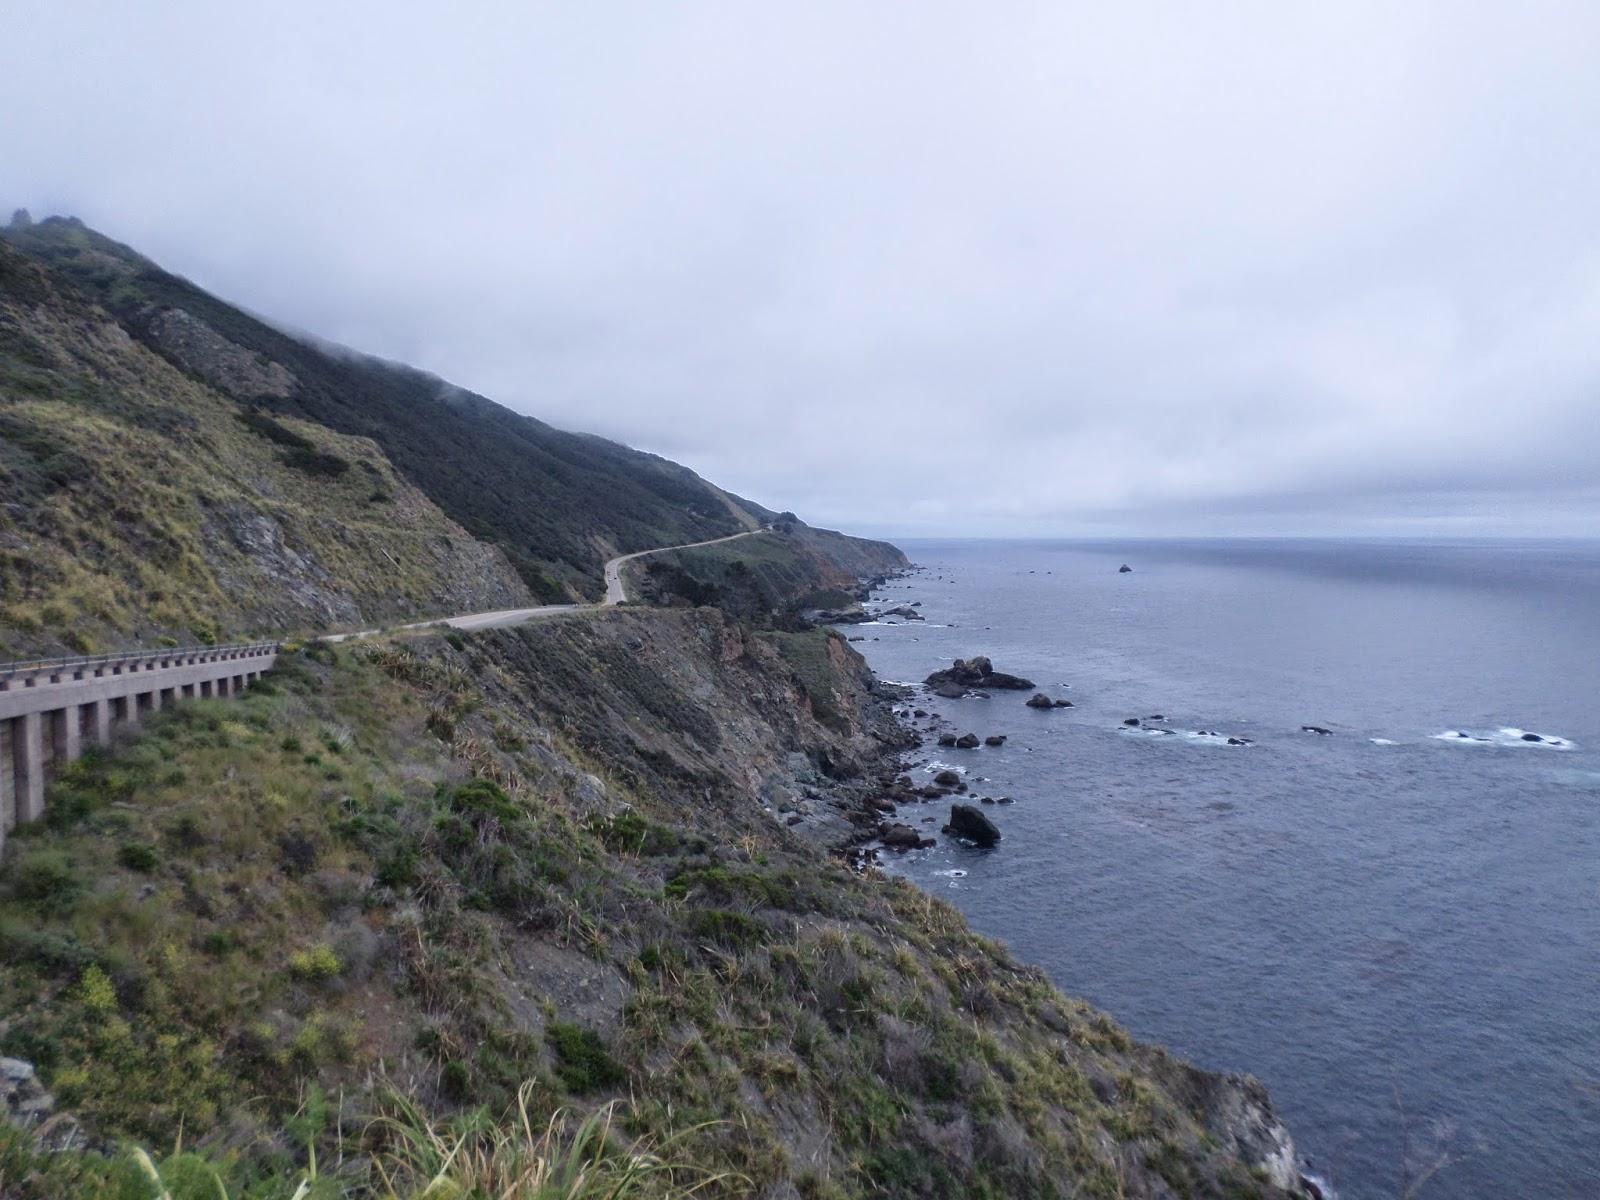 dicas viagem roadtrip california big sur